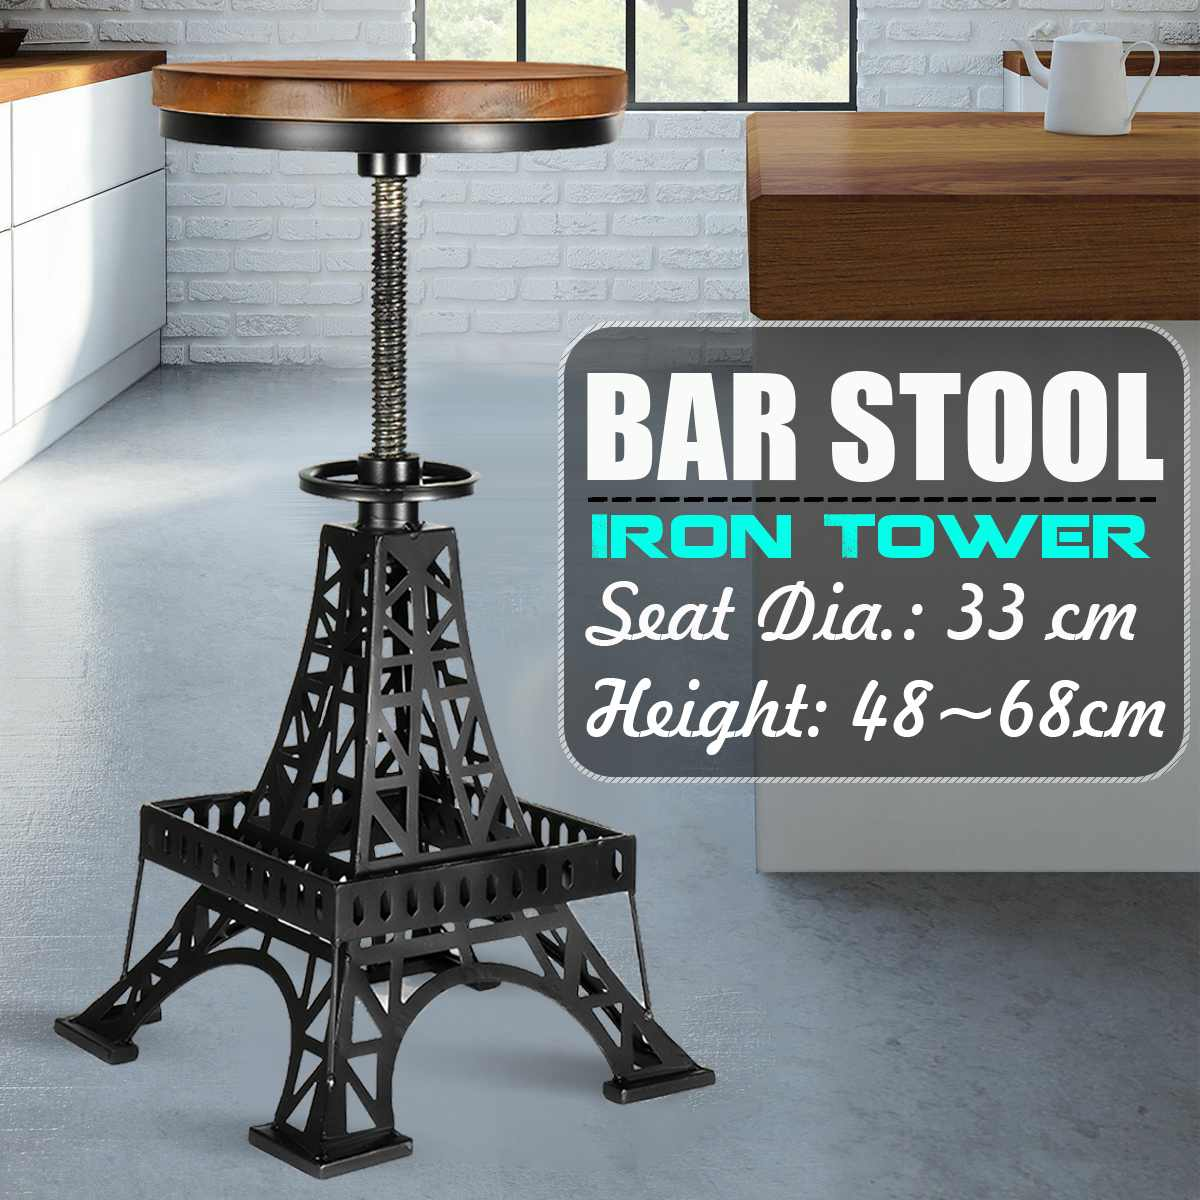 Винтажные металлические промышленные барные стулья, регулируемые по высоте поворотные конусные кухонные стулья для столовой барный стул б